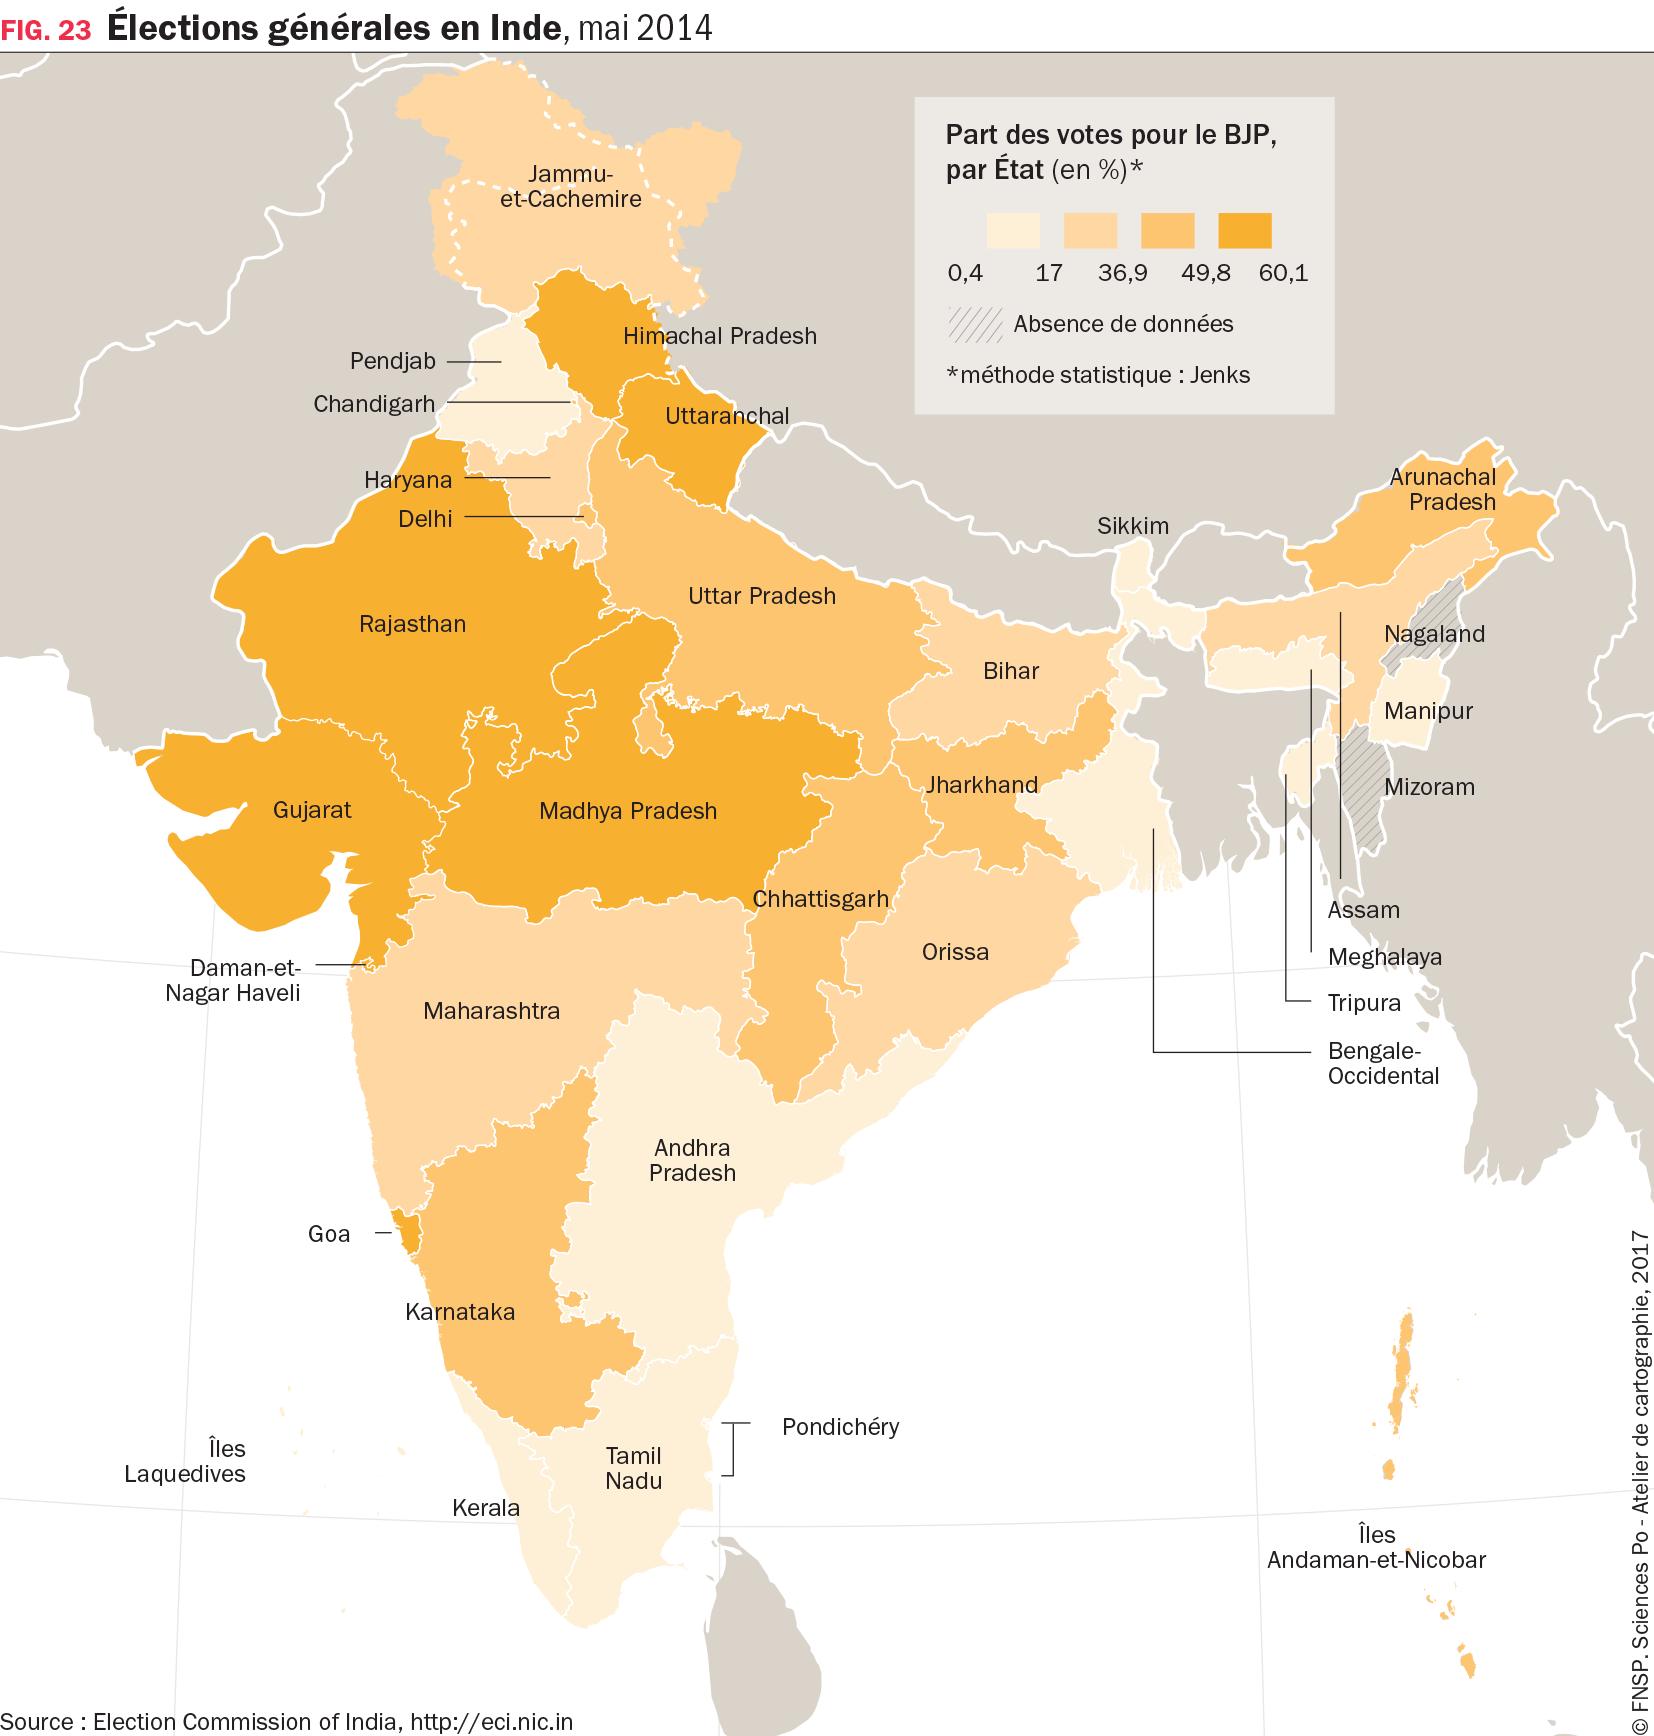 Carte : Élections générales en Inde, mai 2014